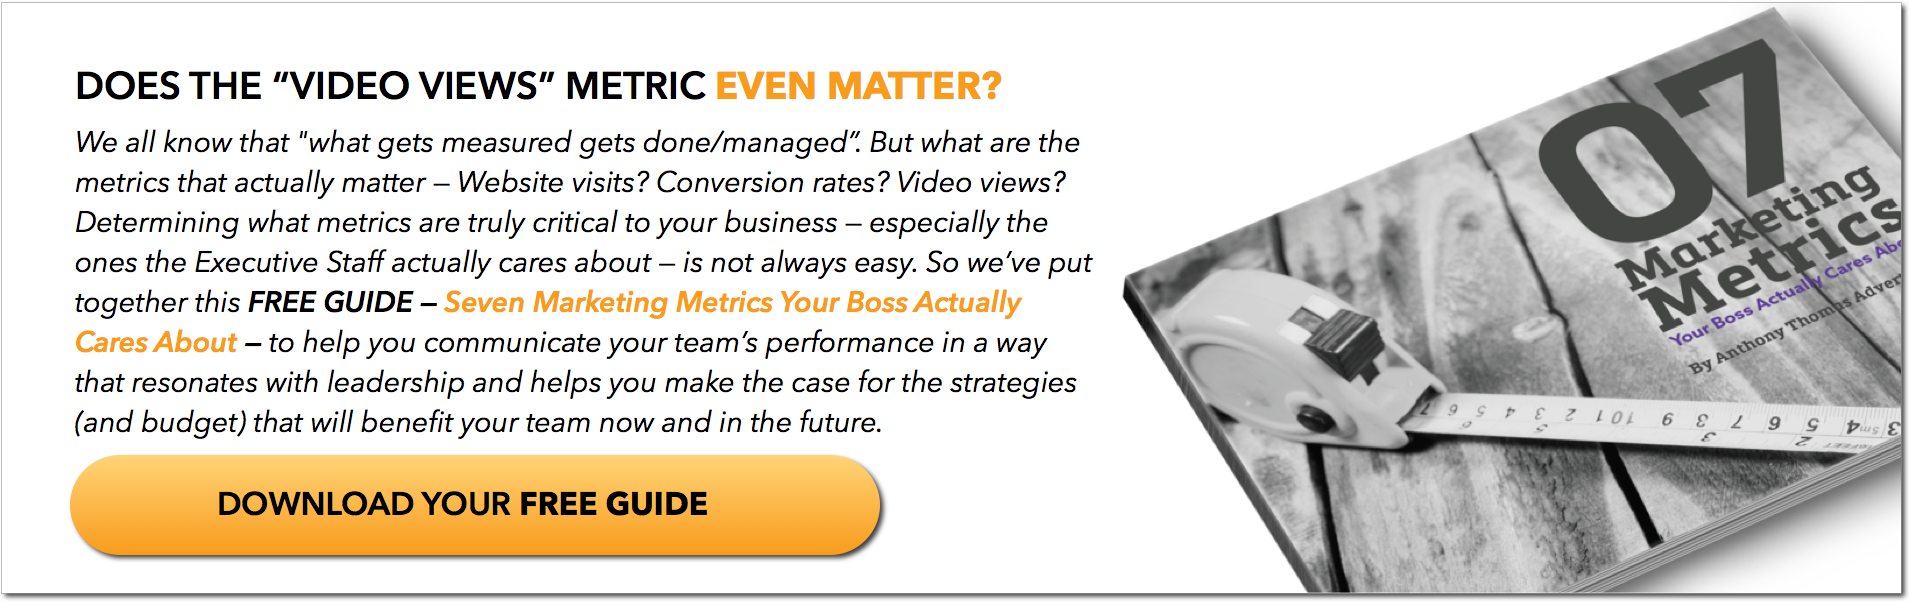 7-Marketing-Metrics-CTA-12-20-16